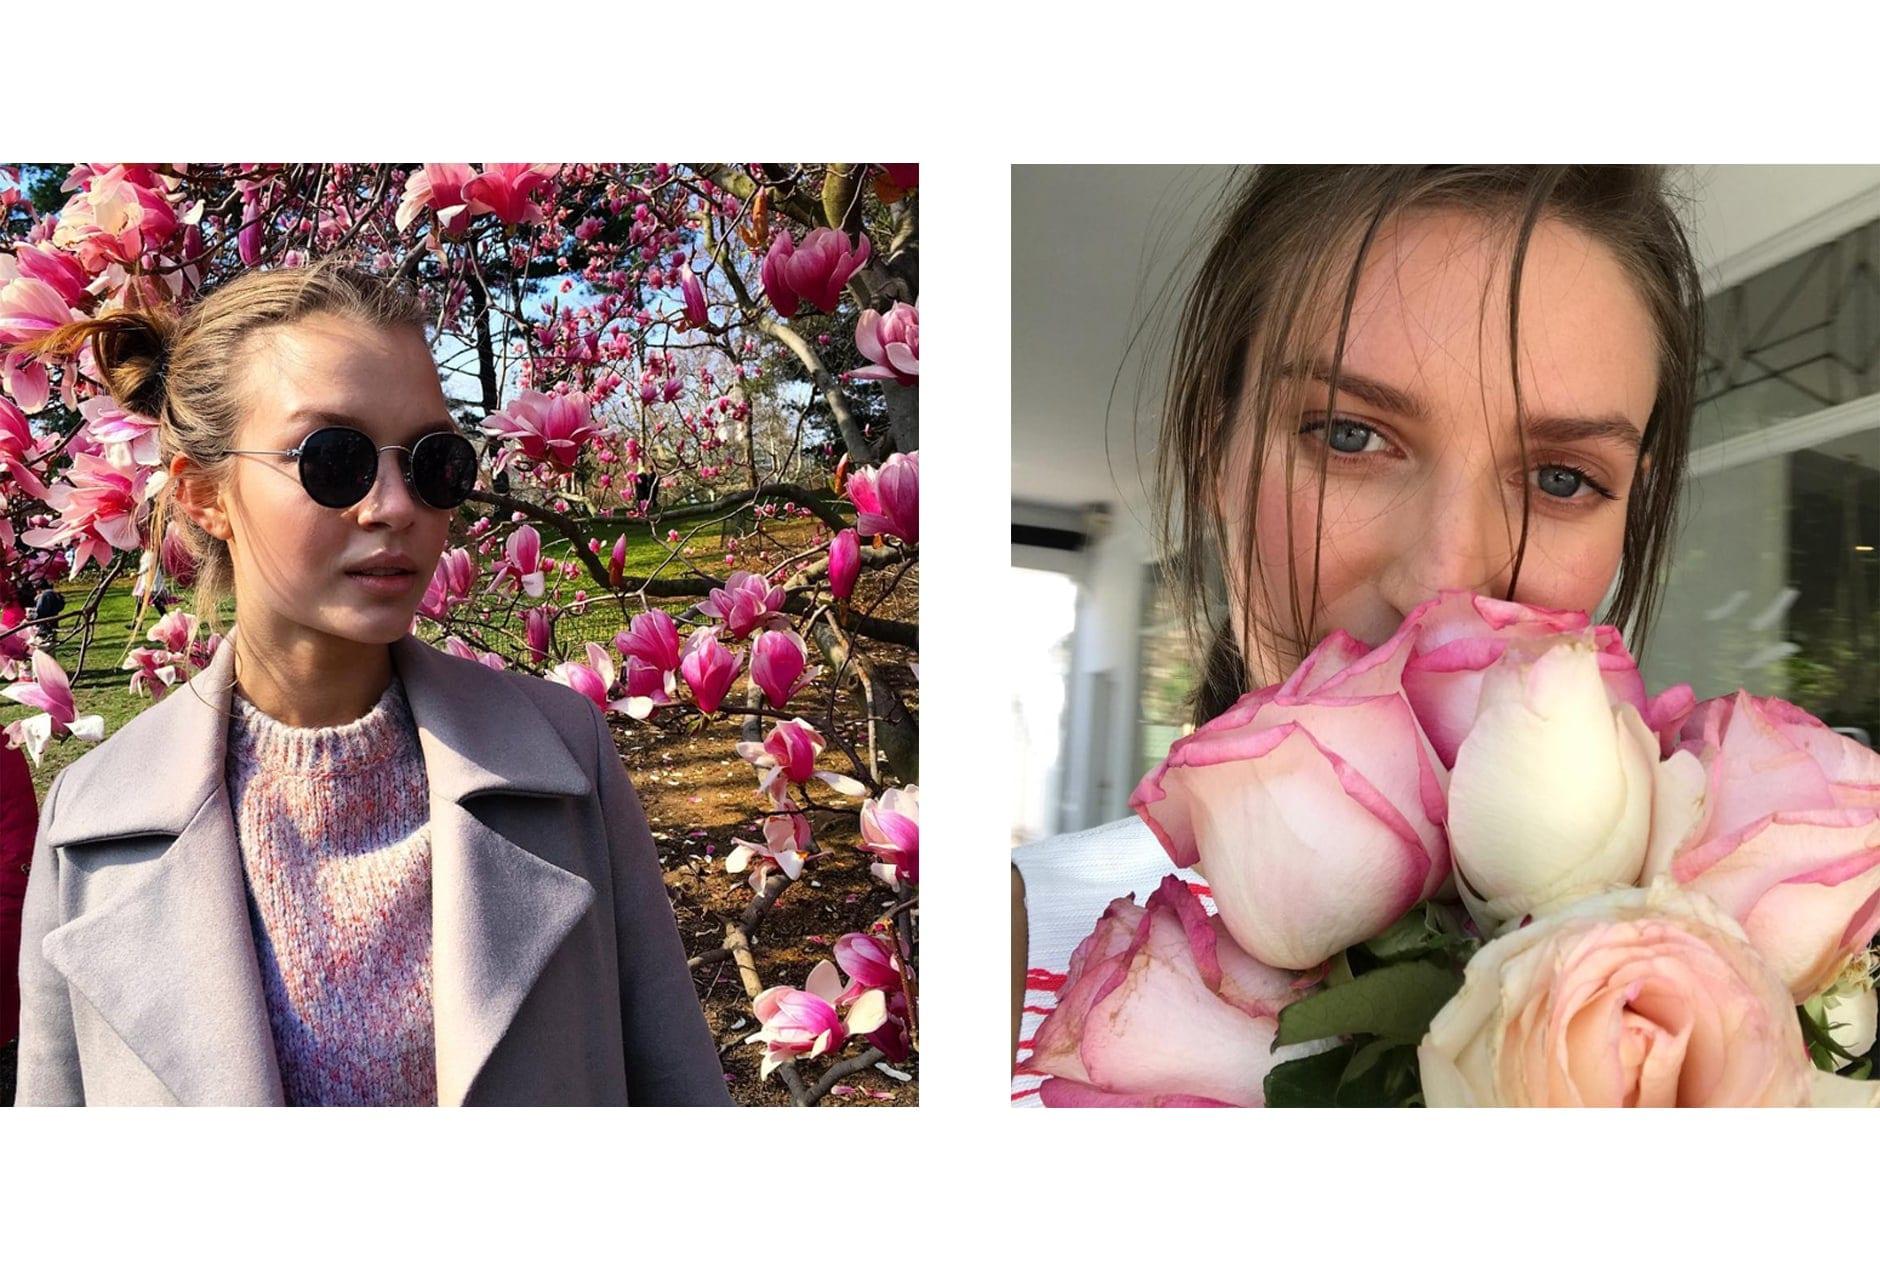 FLOWERS_josephineskriver_kissser-min